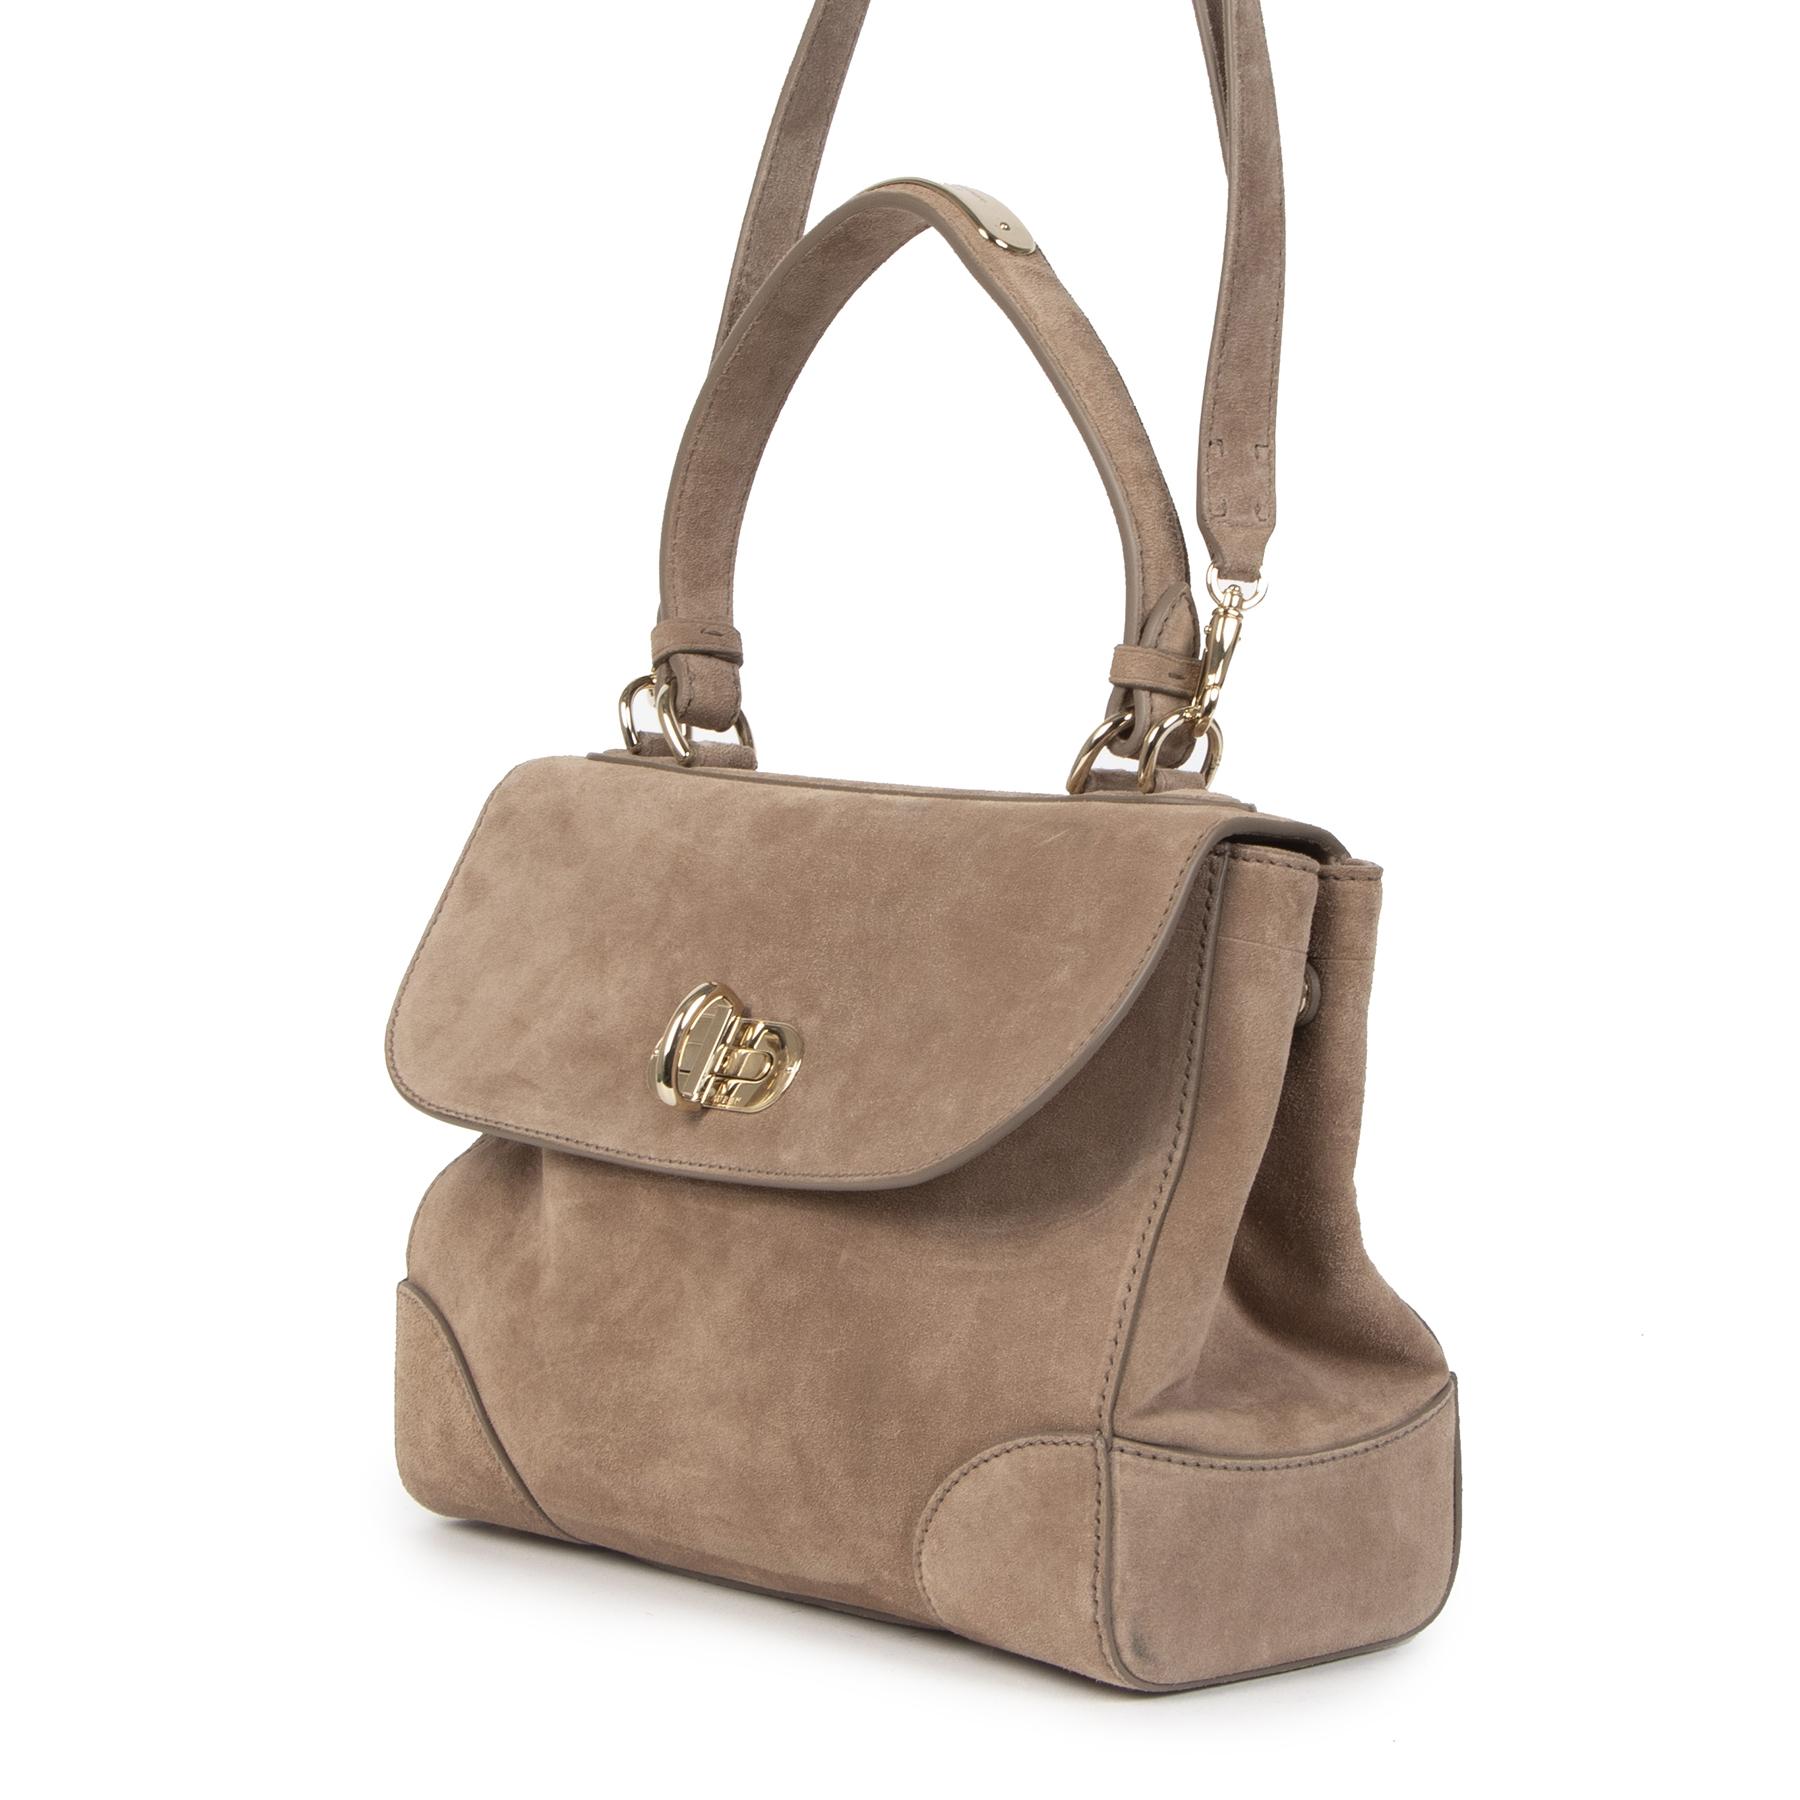 Authentieke Tweedehands Ralph Lauren Taupe Suede Shoulder Bag juiste prijs veilig online shoppen luxe merken webshop winkelen Antwerpen België mode fashion